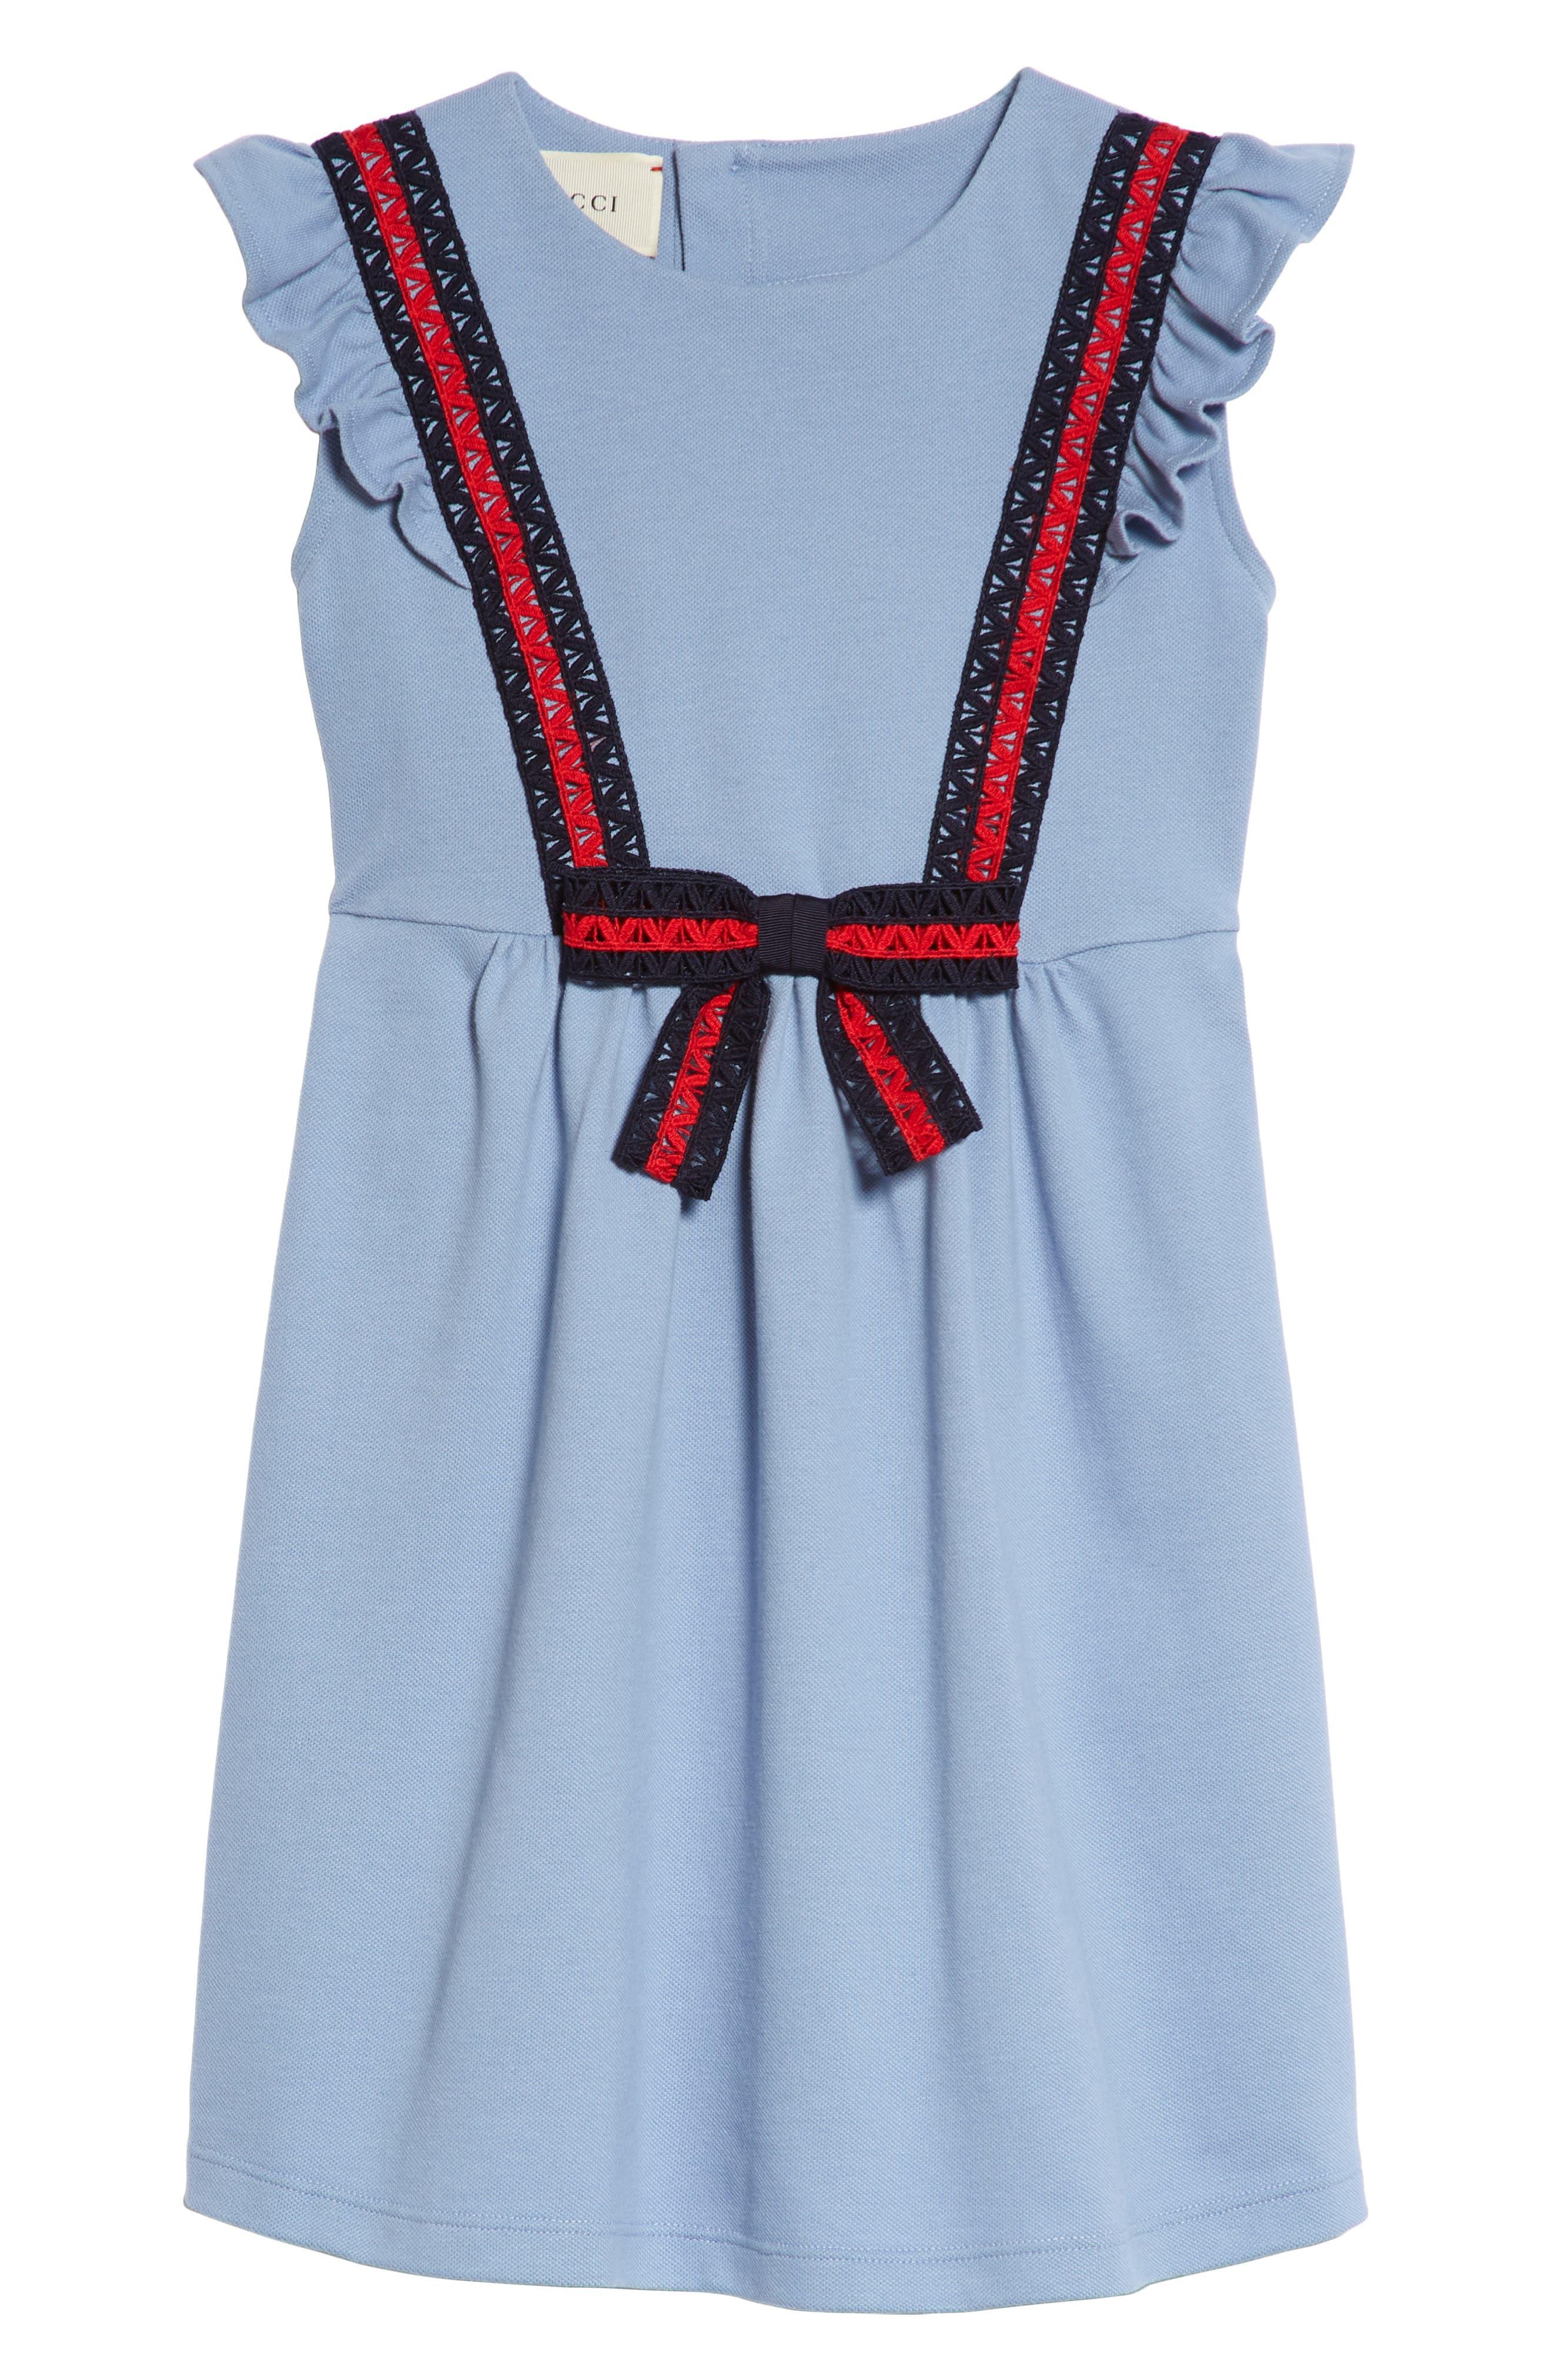 Piqué Dress,                             Main thumbnail 1, color,                             INK/ WHITE